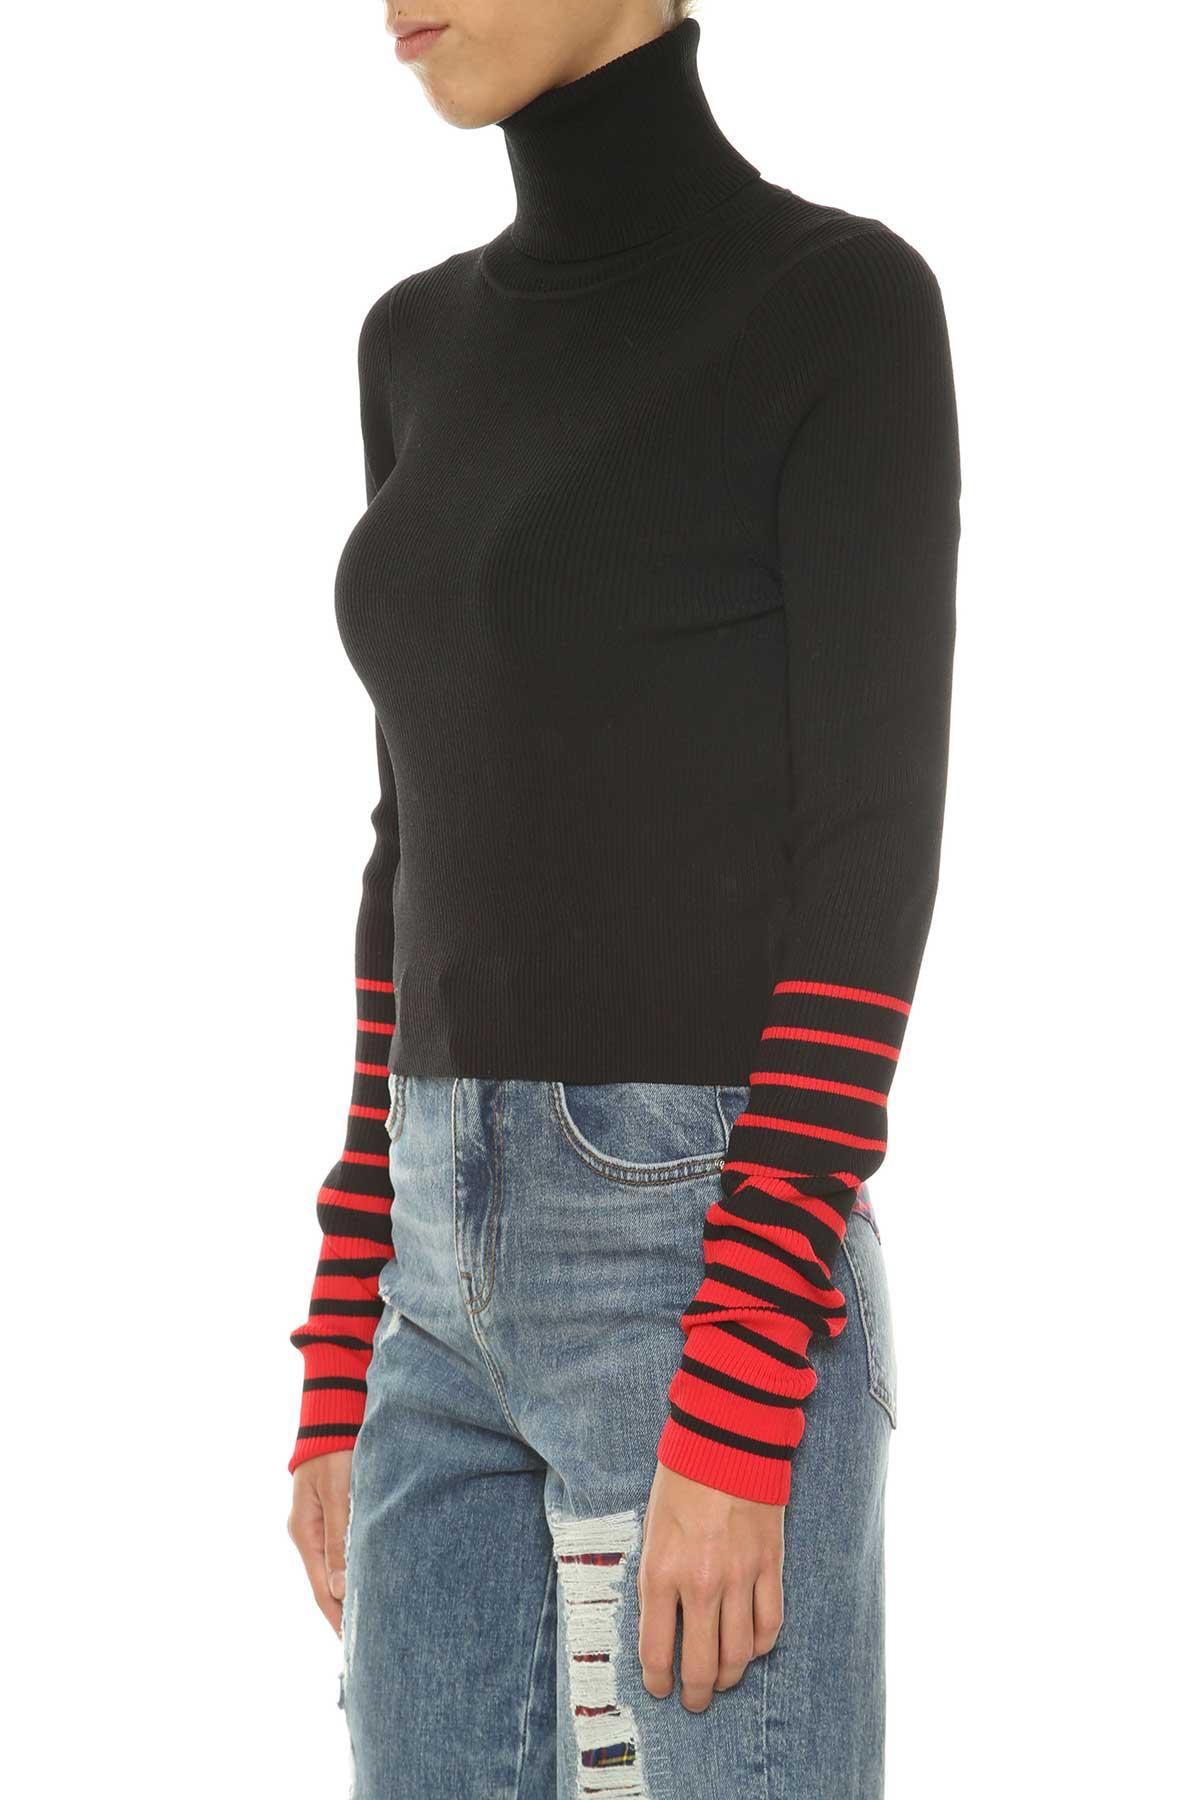 Best price on the market: Tommy Hilfiger Tommy Hilfiger Crop Rib High Neck Sweatshirt